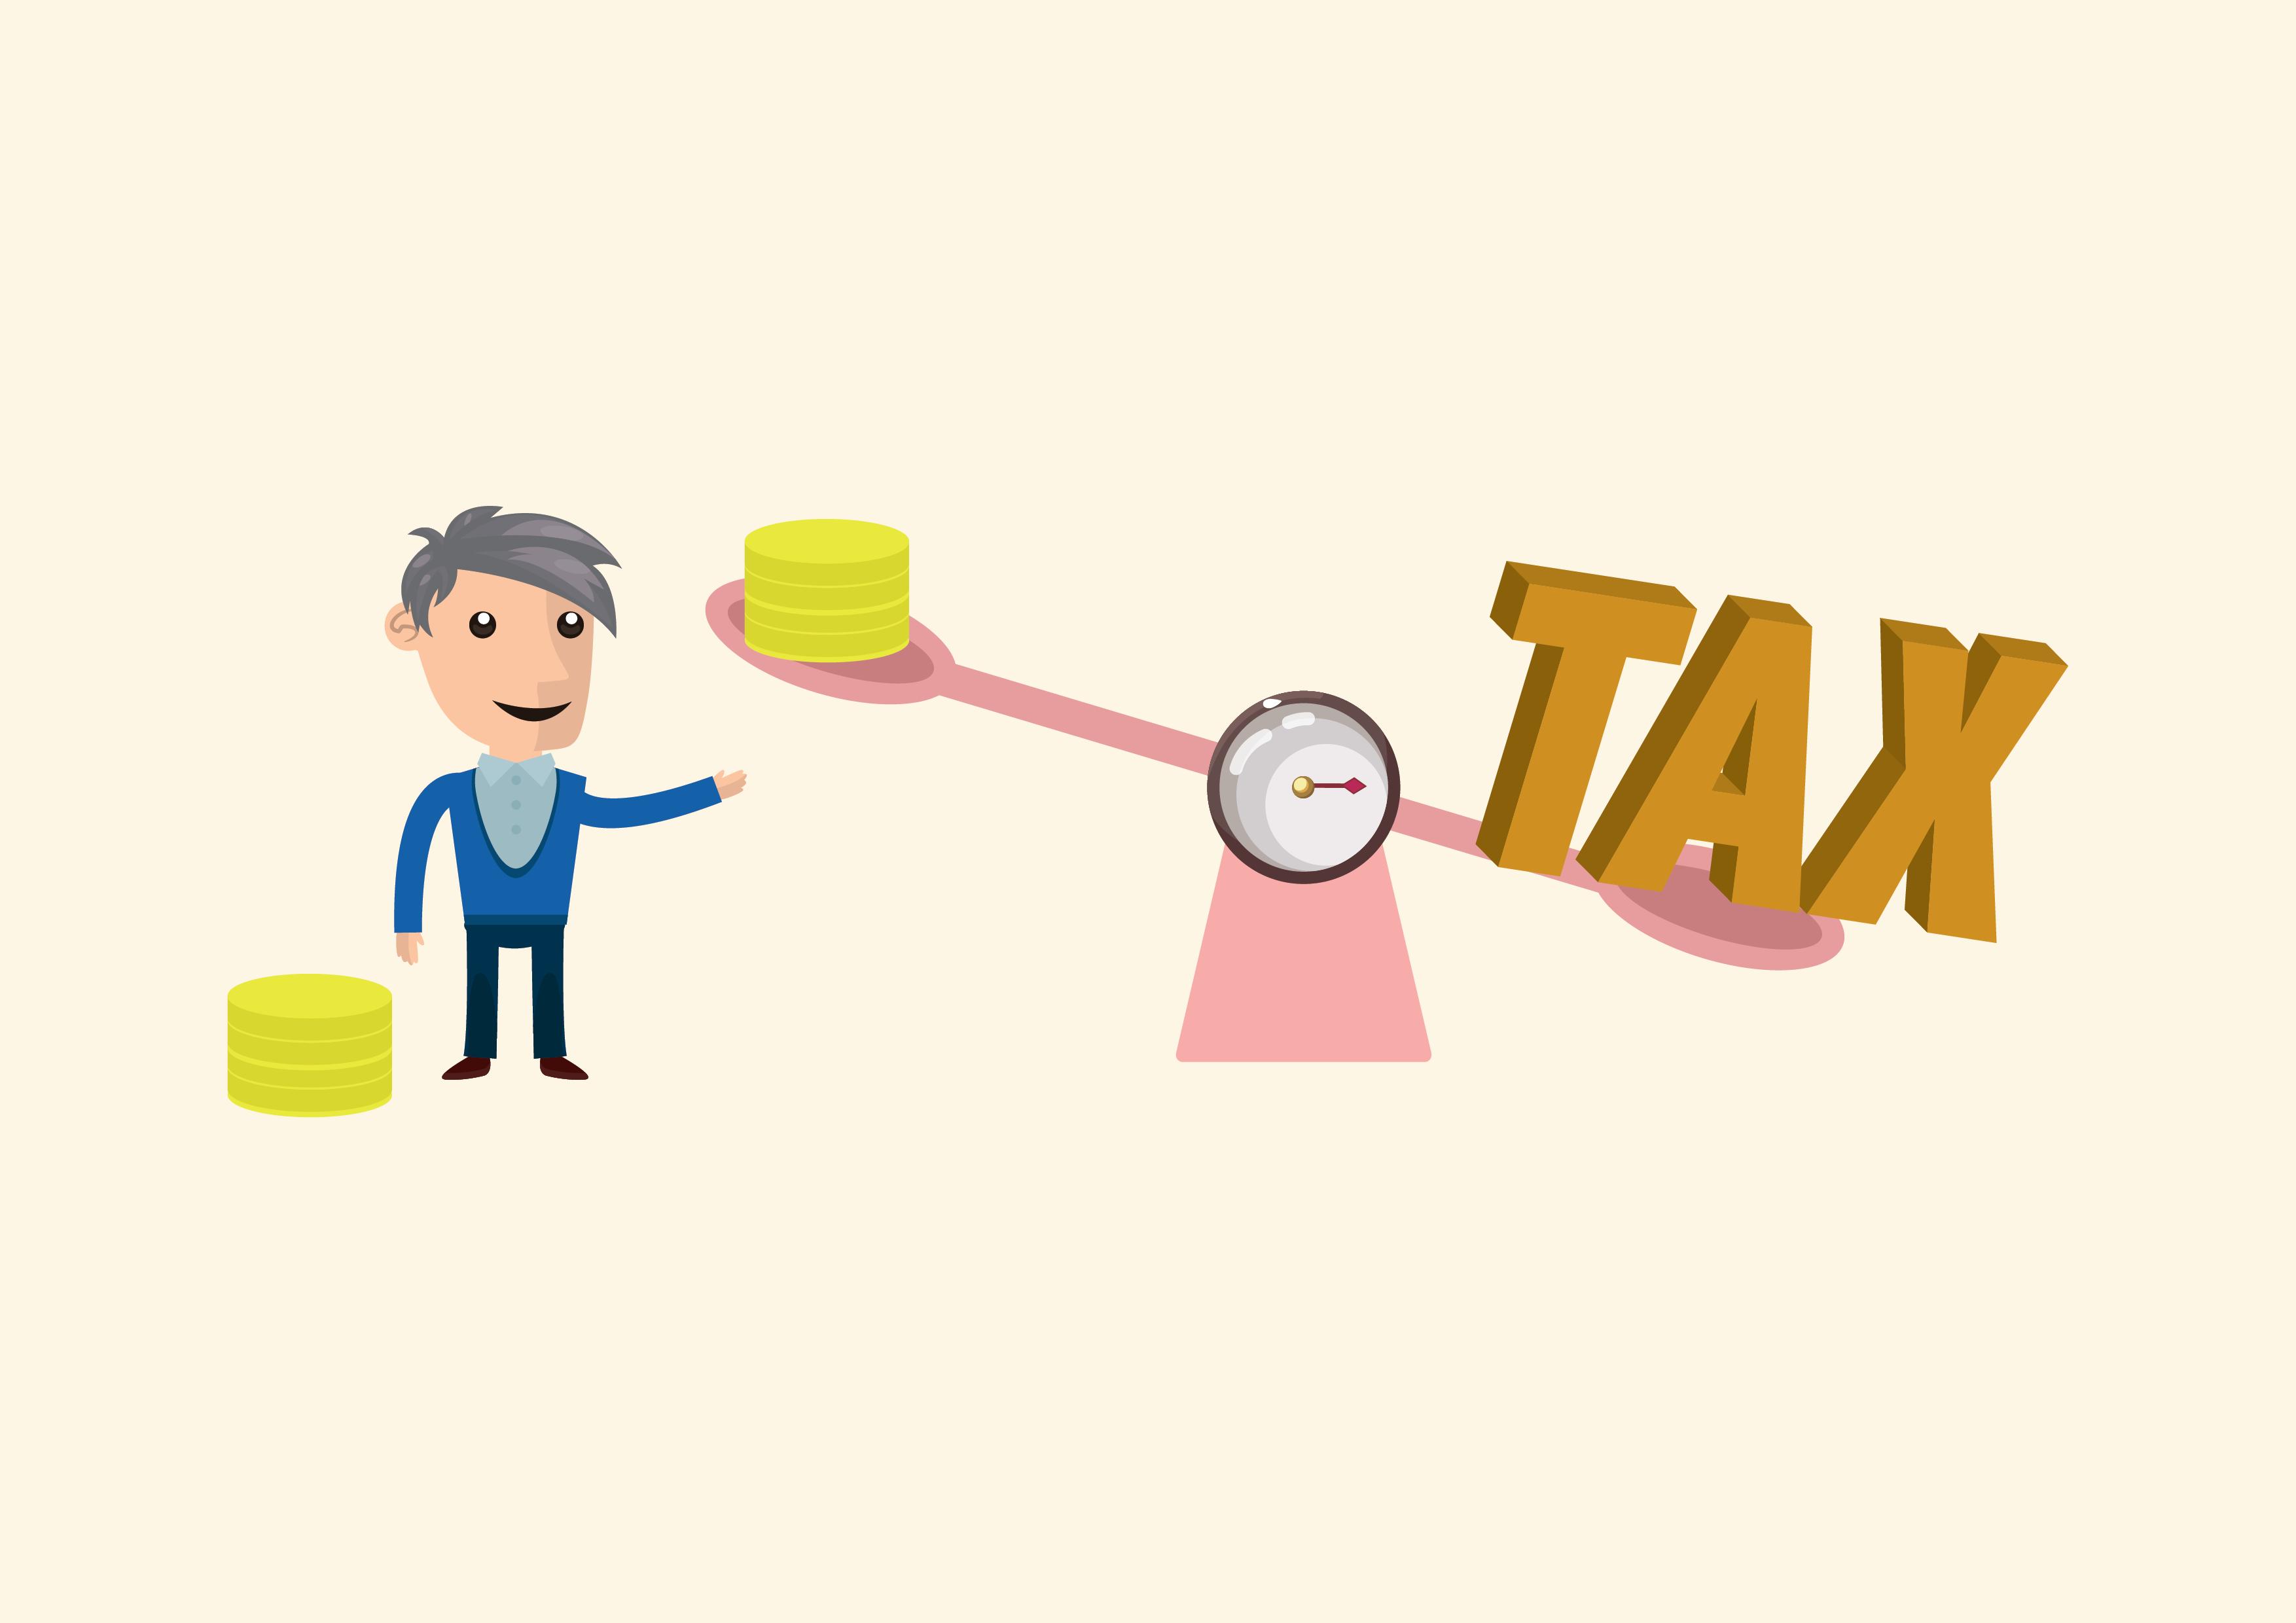 income tax 16th amendment